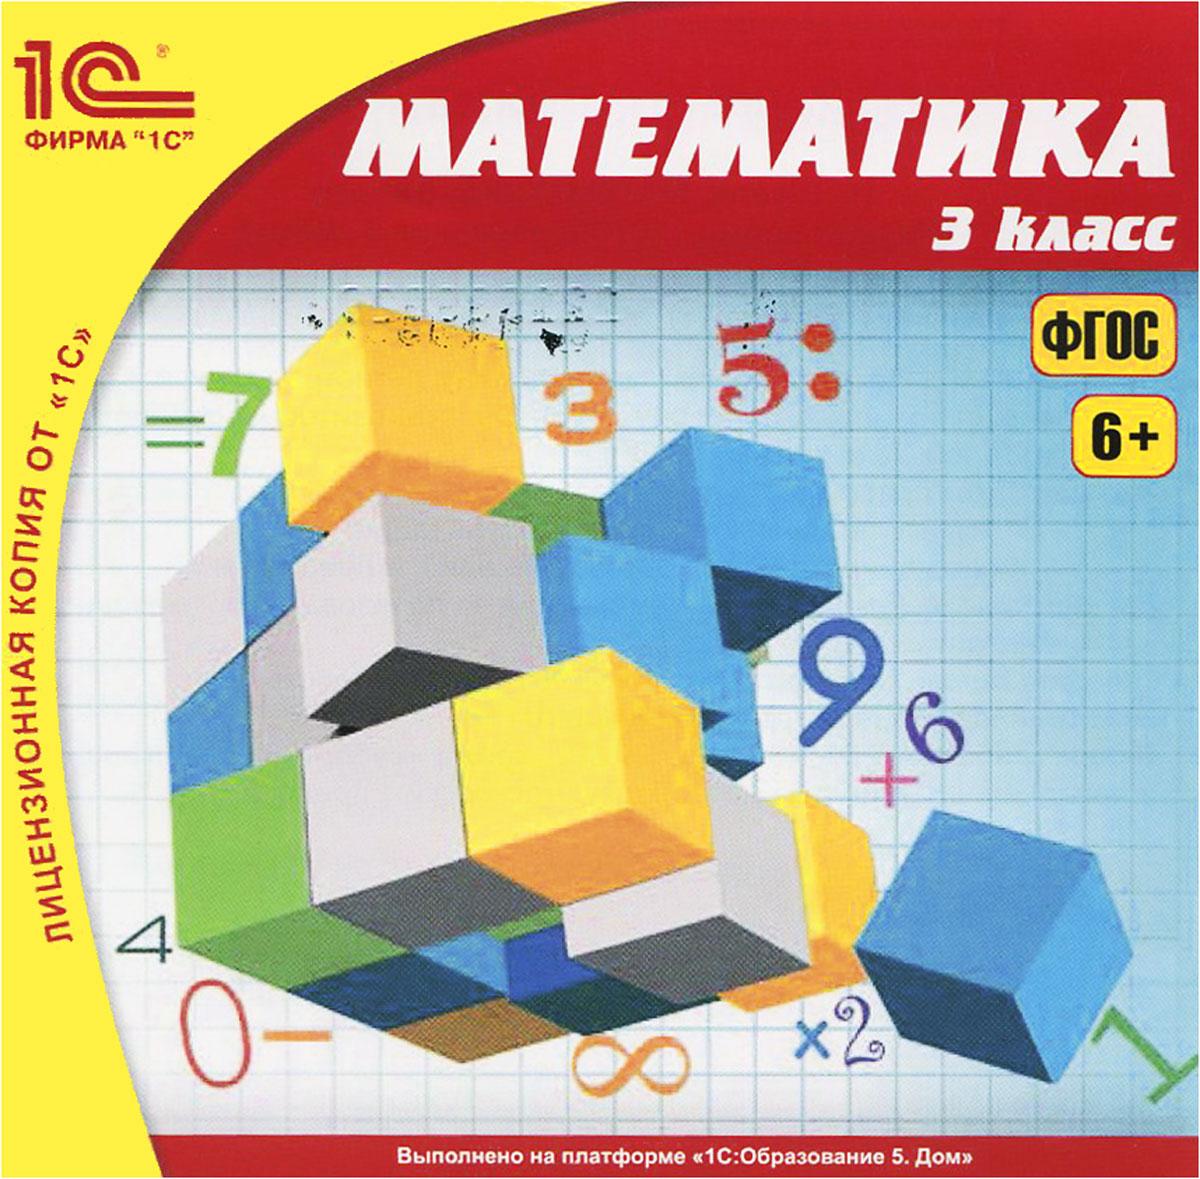 1С:Школа. Математика. 3 класс (ФГОС)